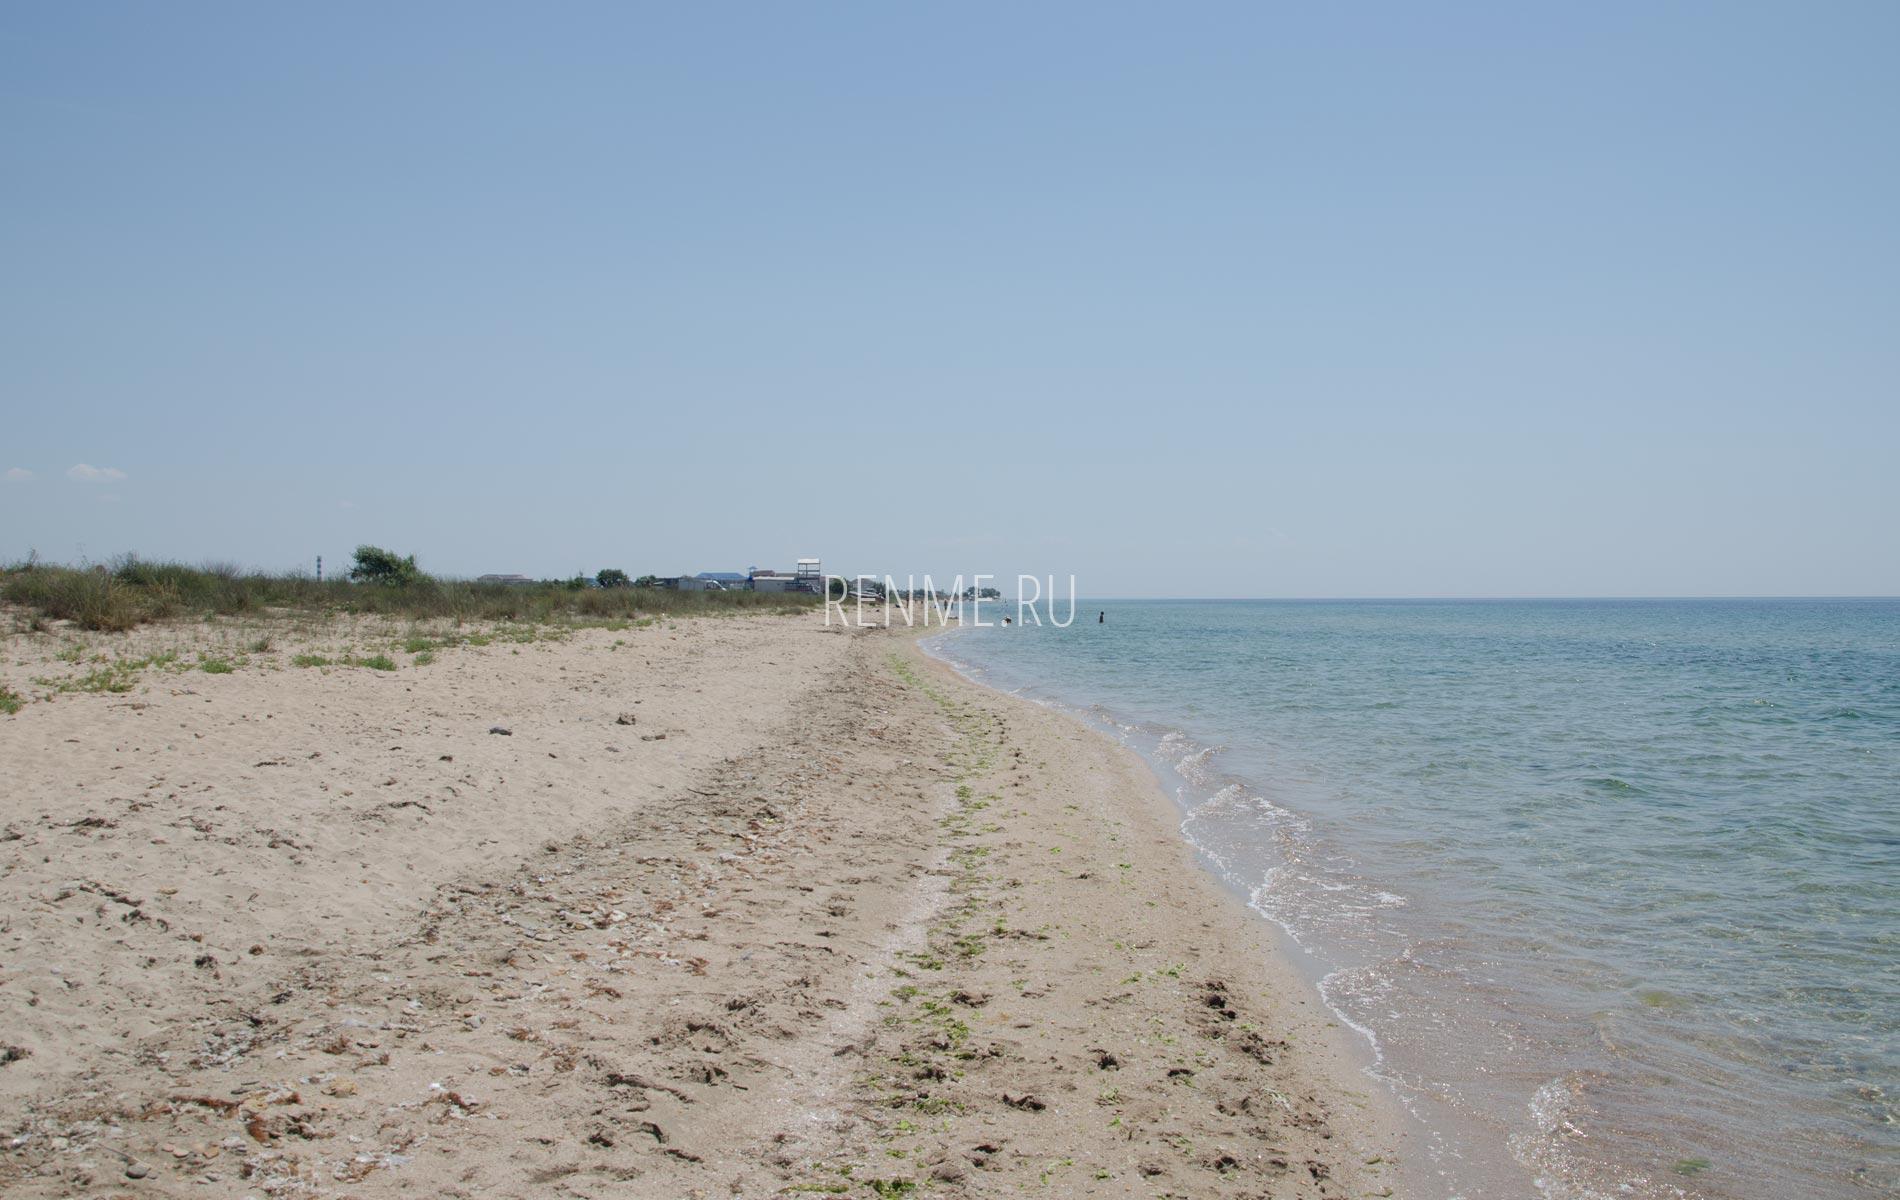 Тихий уединенный дикий пляж. Фото Заозёрного